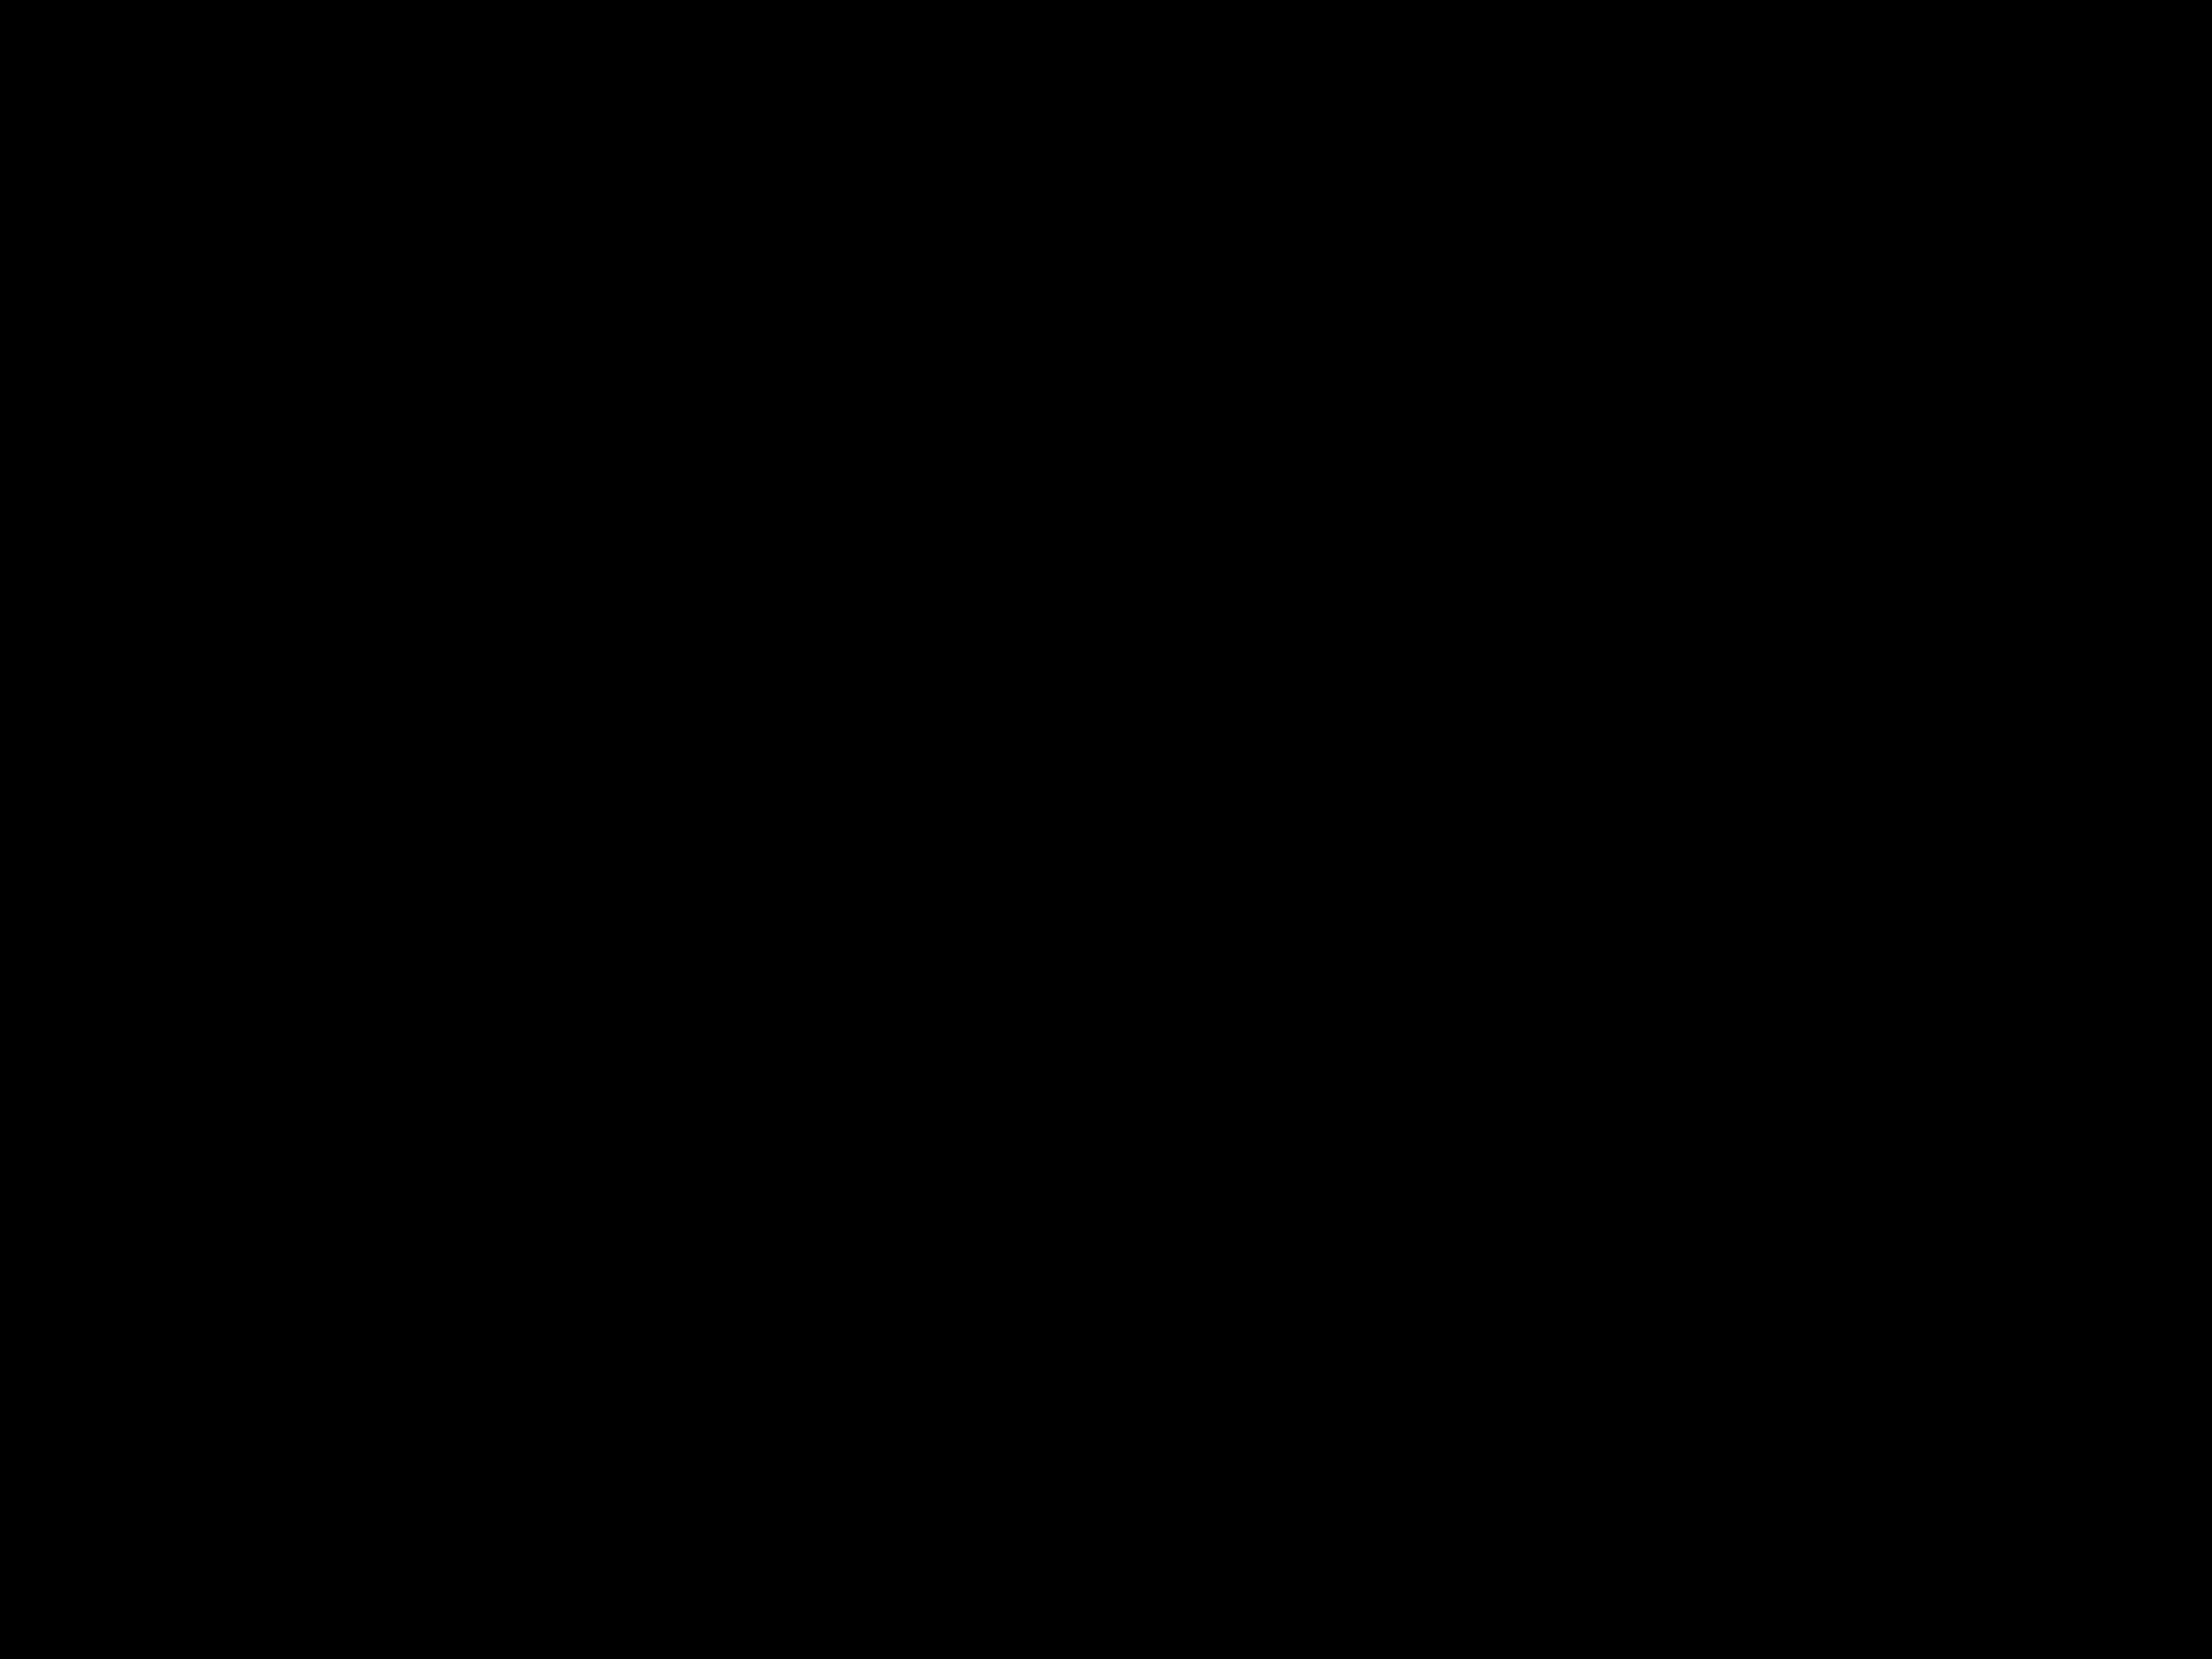 JLG 1930